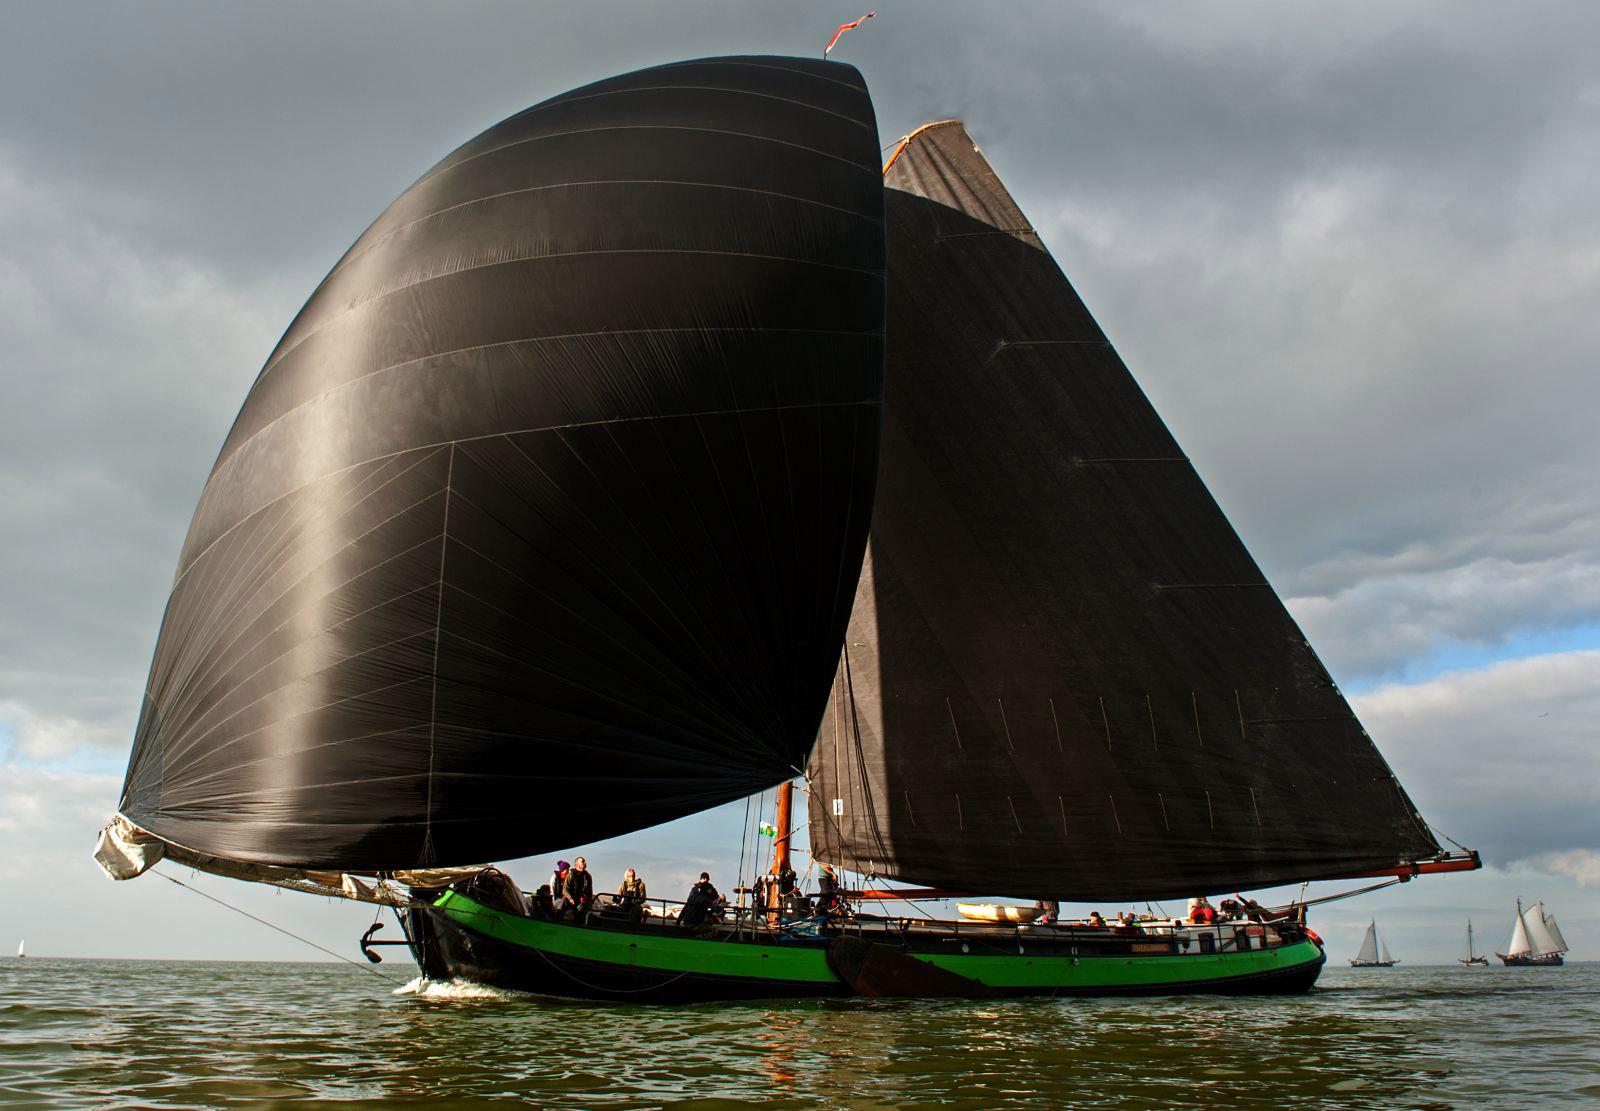 zeilen op IJsselmeer of Waddenzee met de eenmasttjalk Overwinning vanuit Harlingen